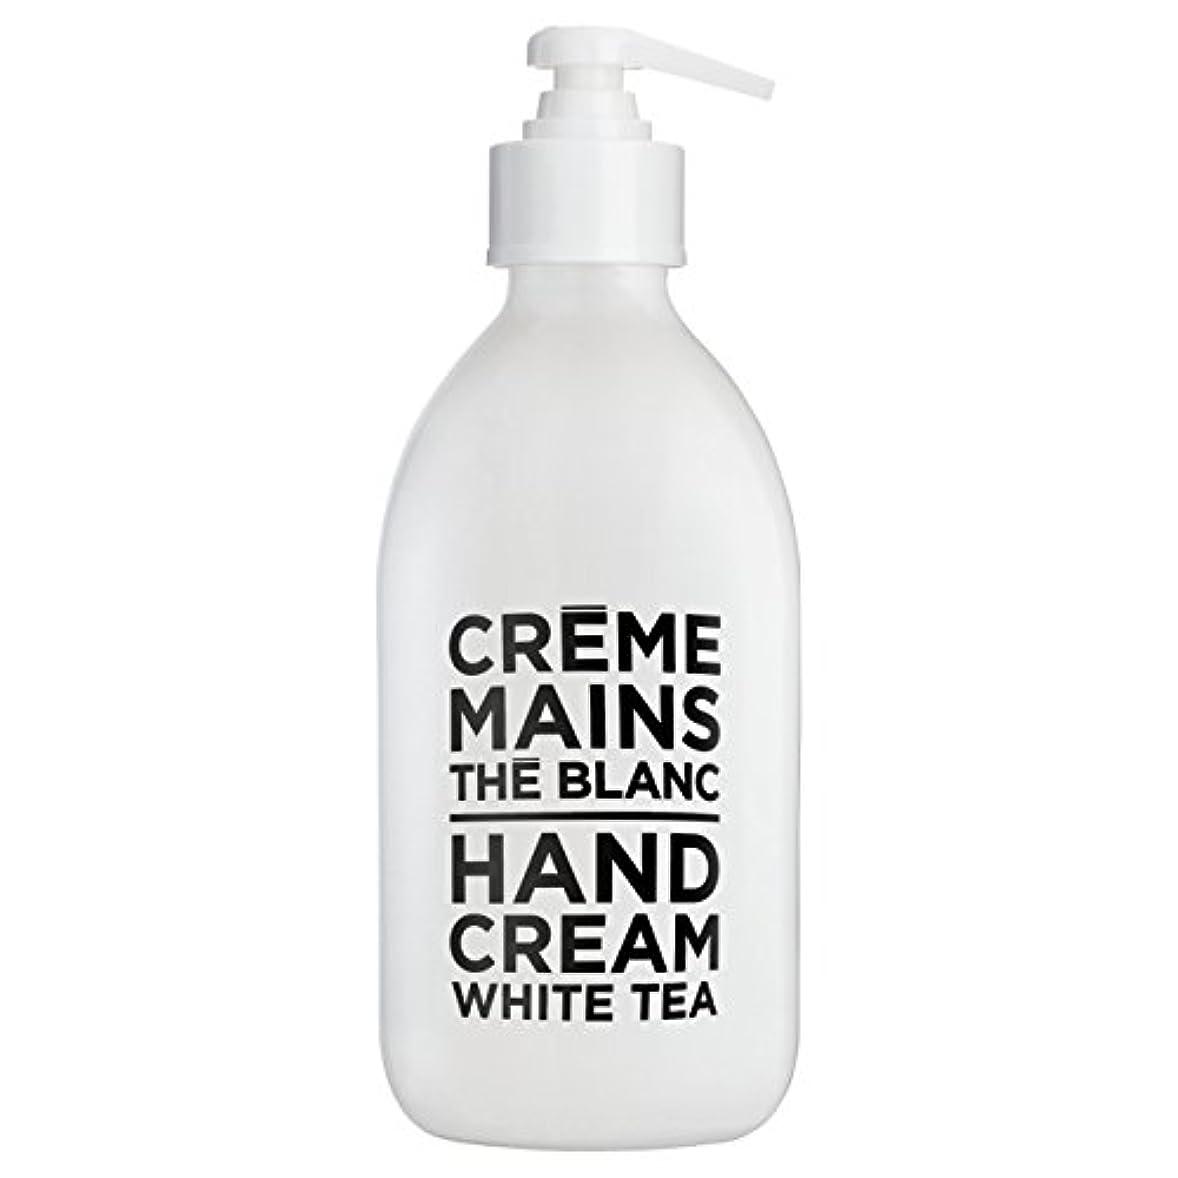 弱まるラッチシャーカンパニードプロバンス ブラック&ホワイト ハンドクリーム ホワイトティー(ホワイトティーにシトラスを添えた気品ある香り) 300ml